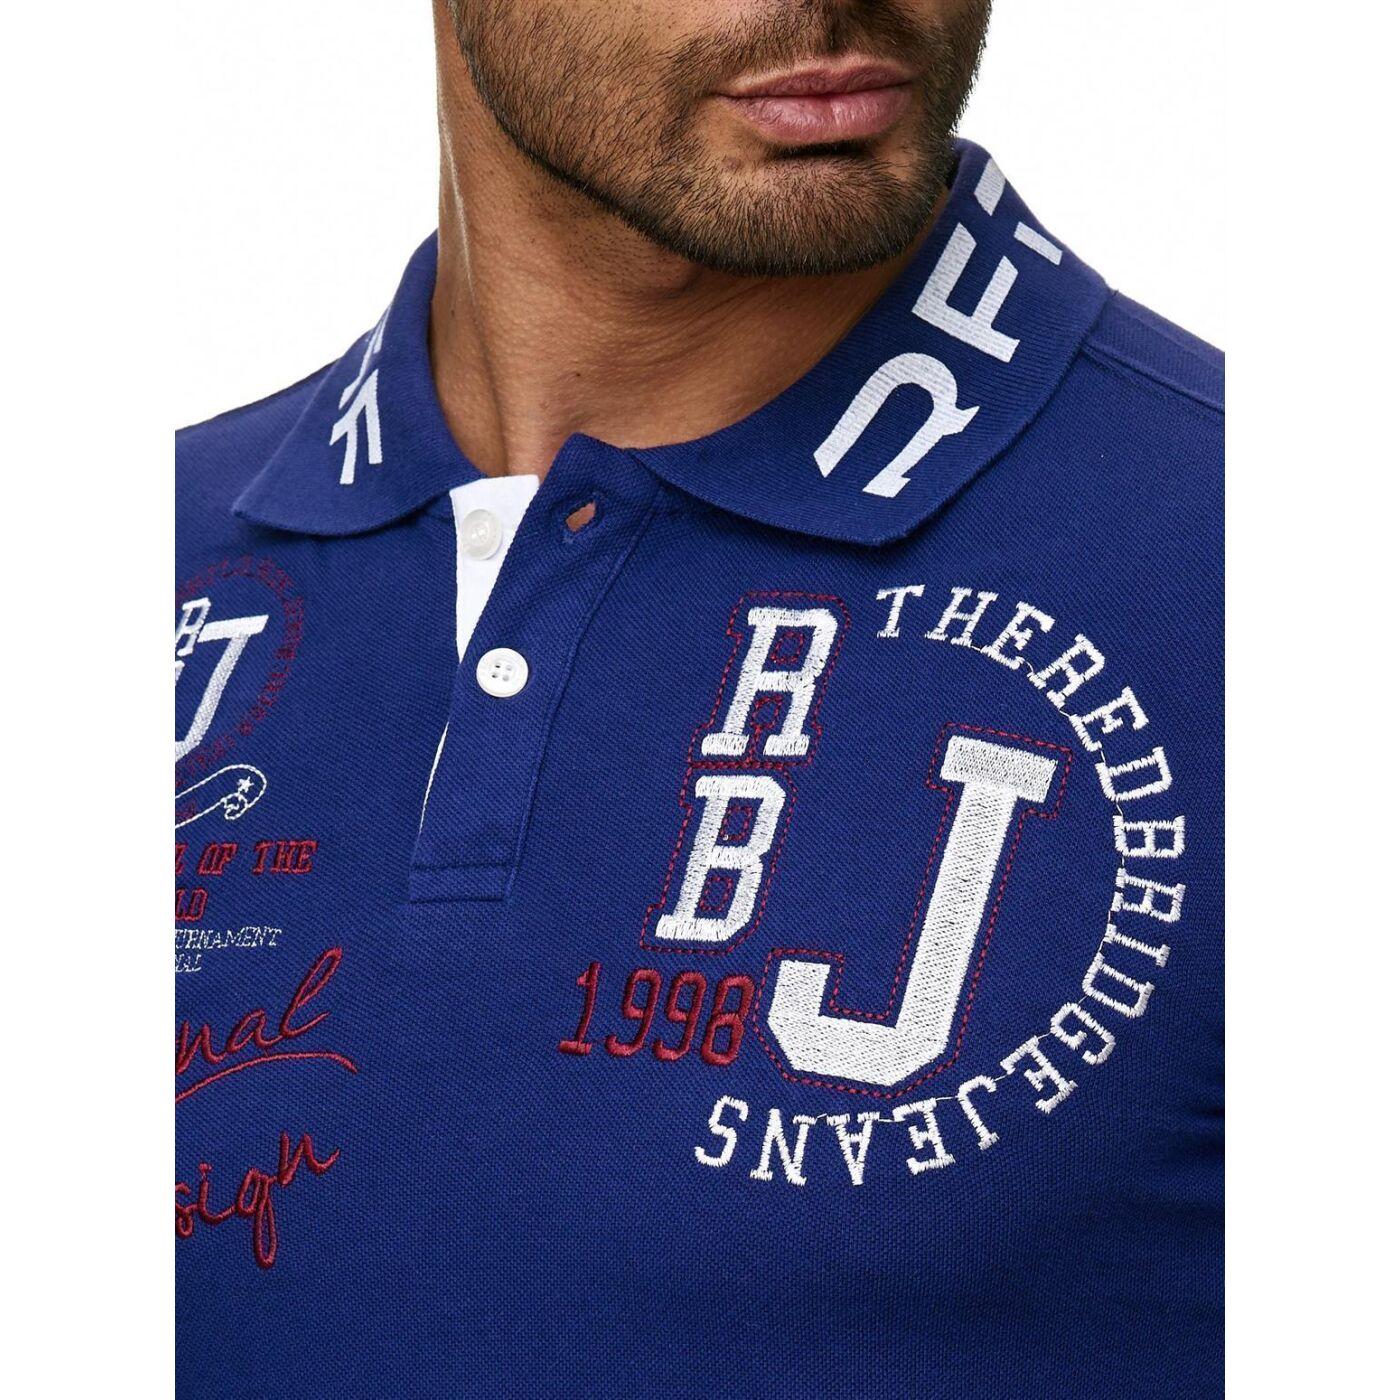 e5f071b52c2d5 Red Bridge Herren Professionel Design Poloshirts Polo- T-Shirt Violett